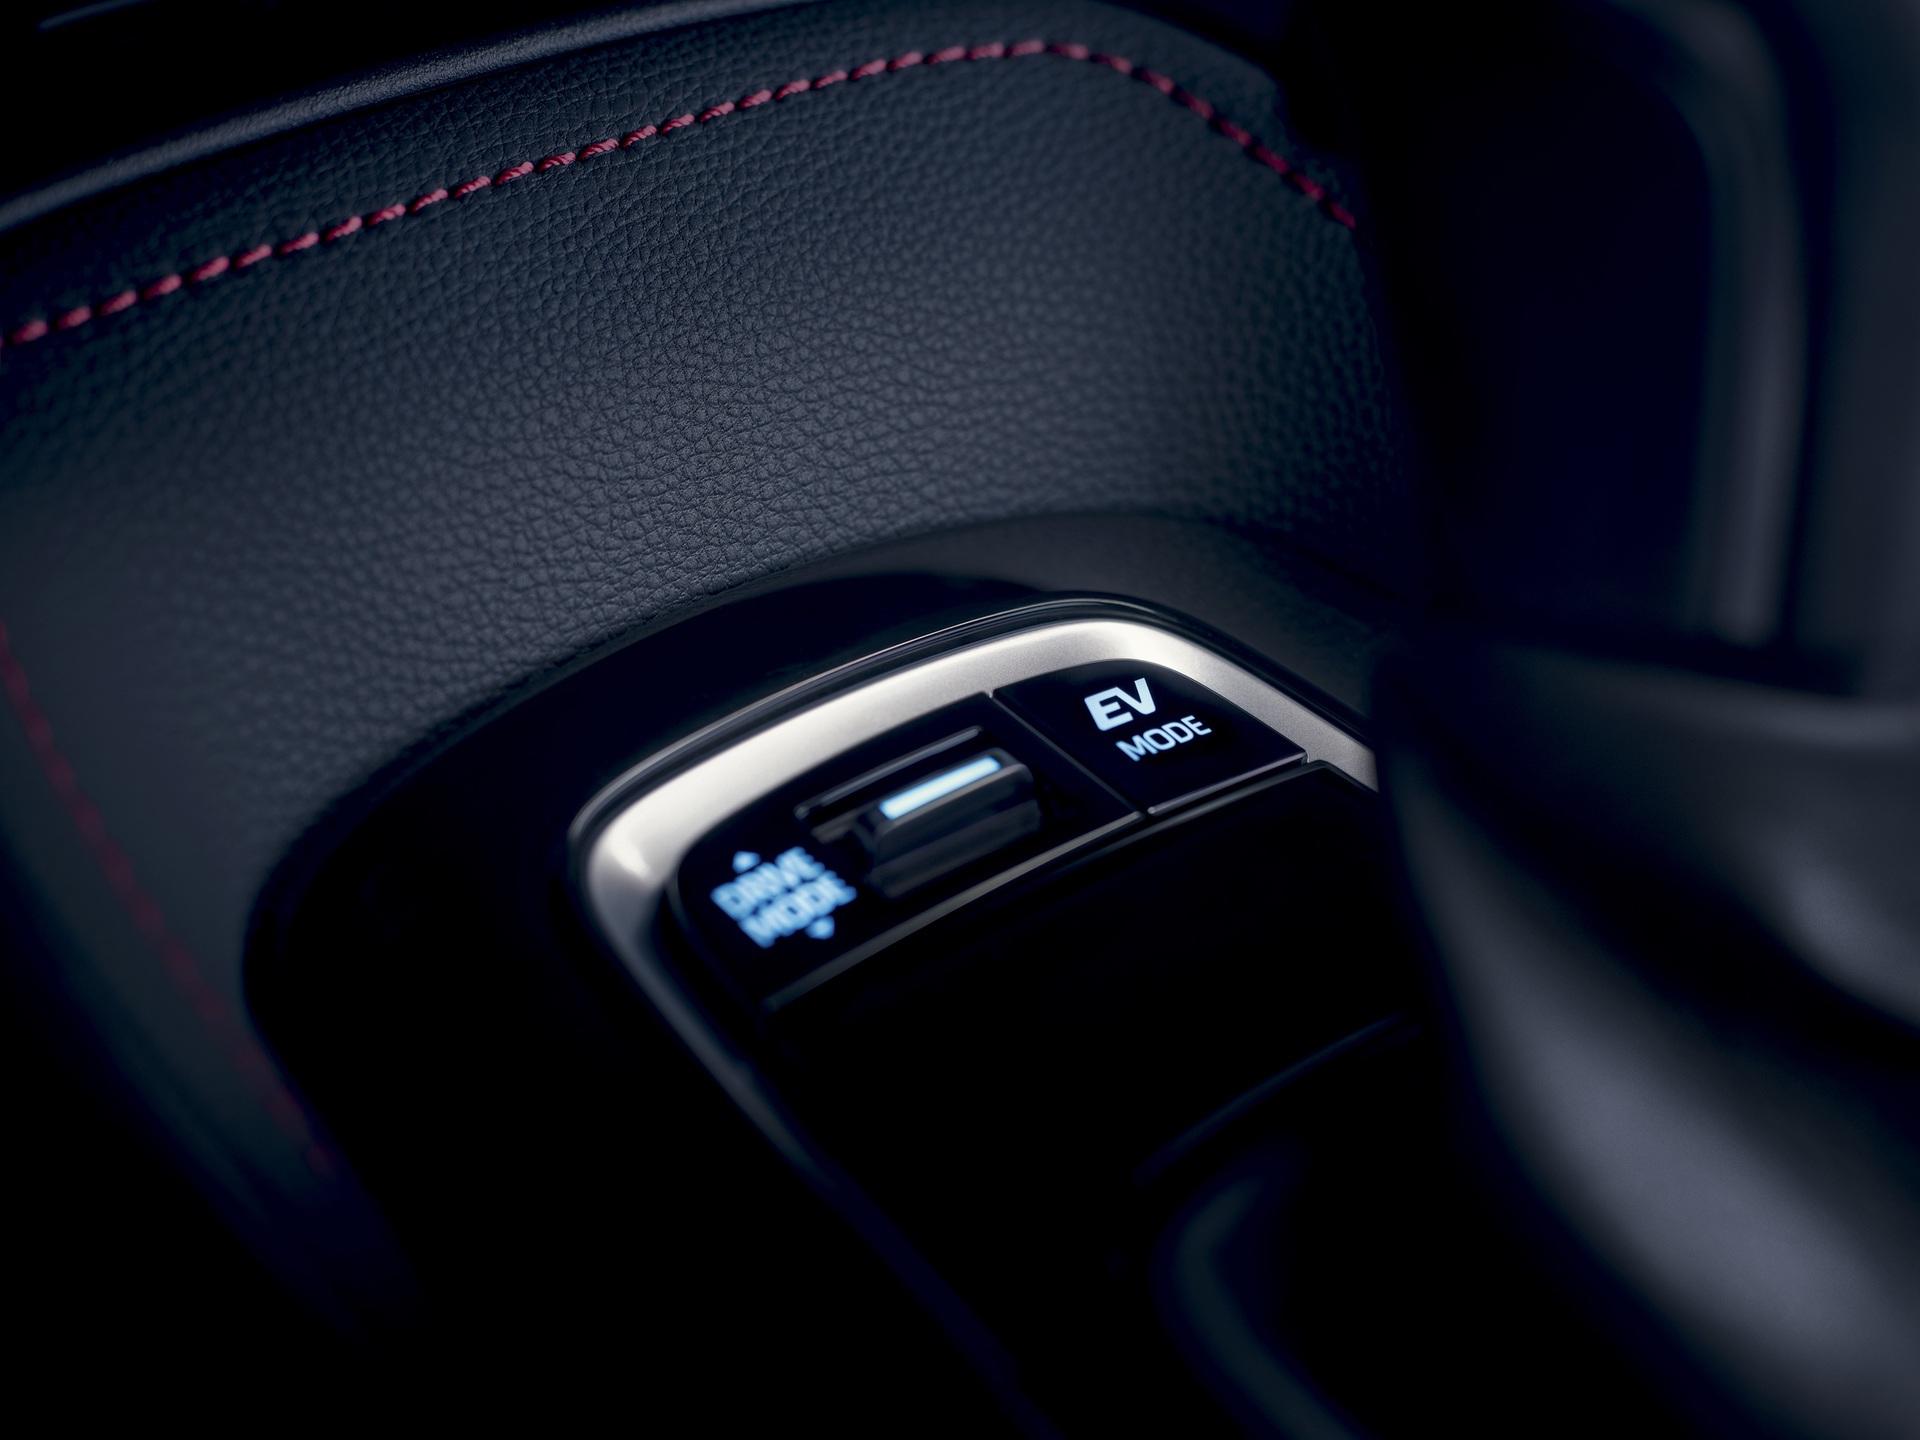 2019_Toyota_Corolla_Hatchback_08